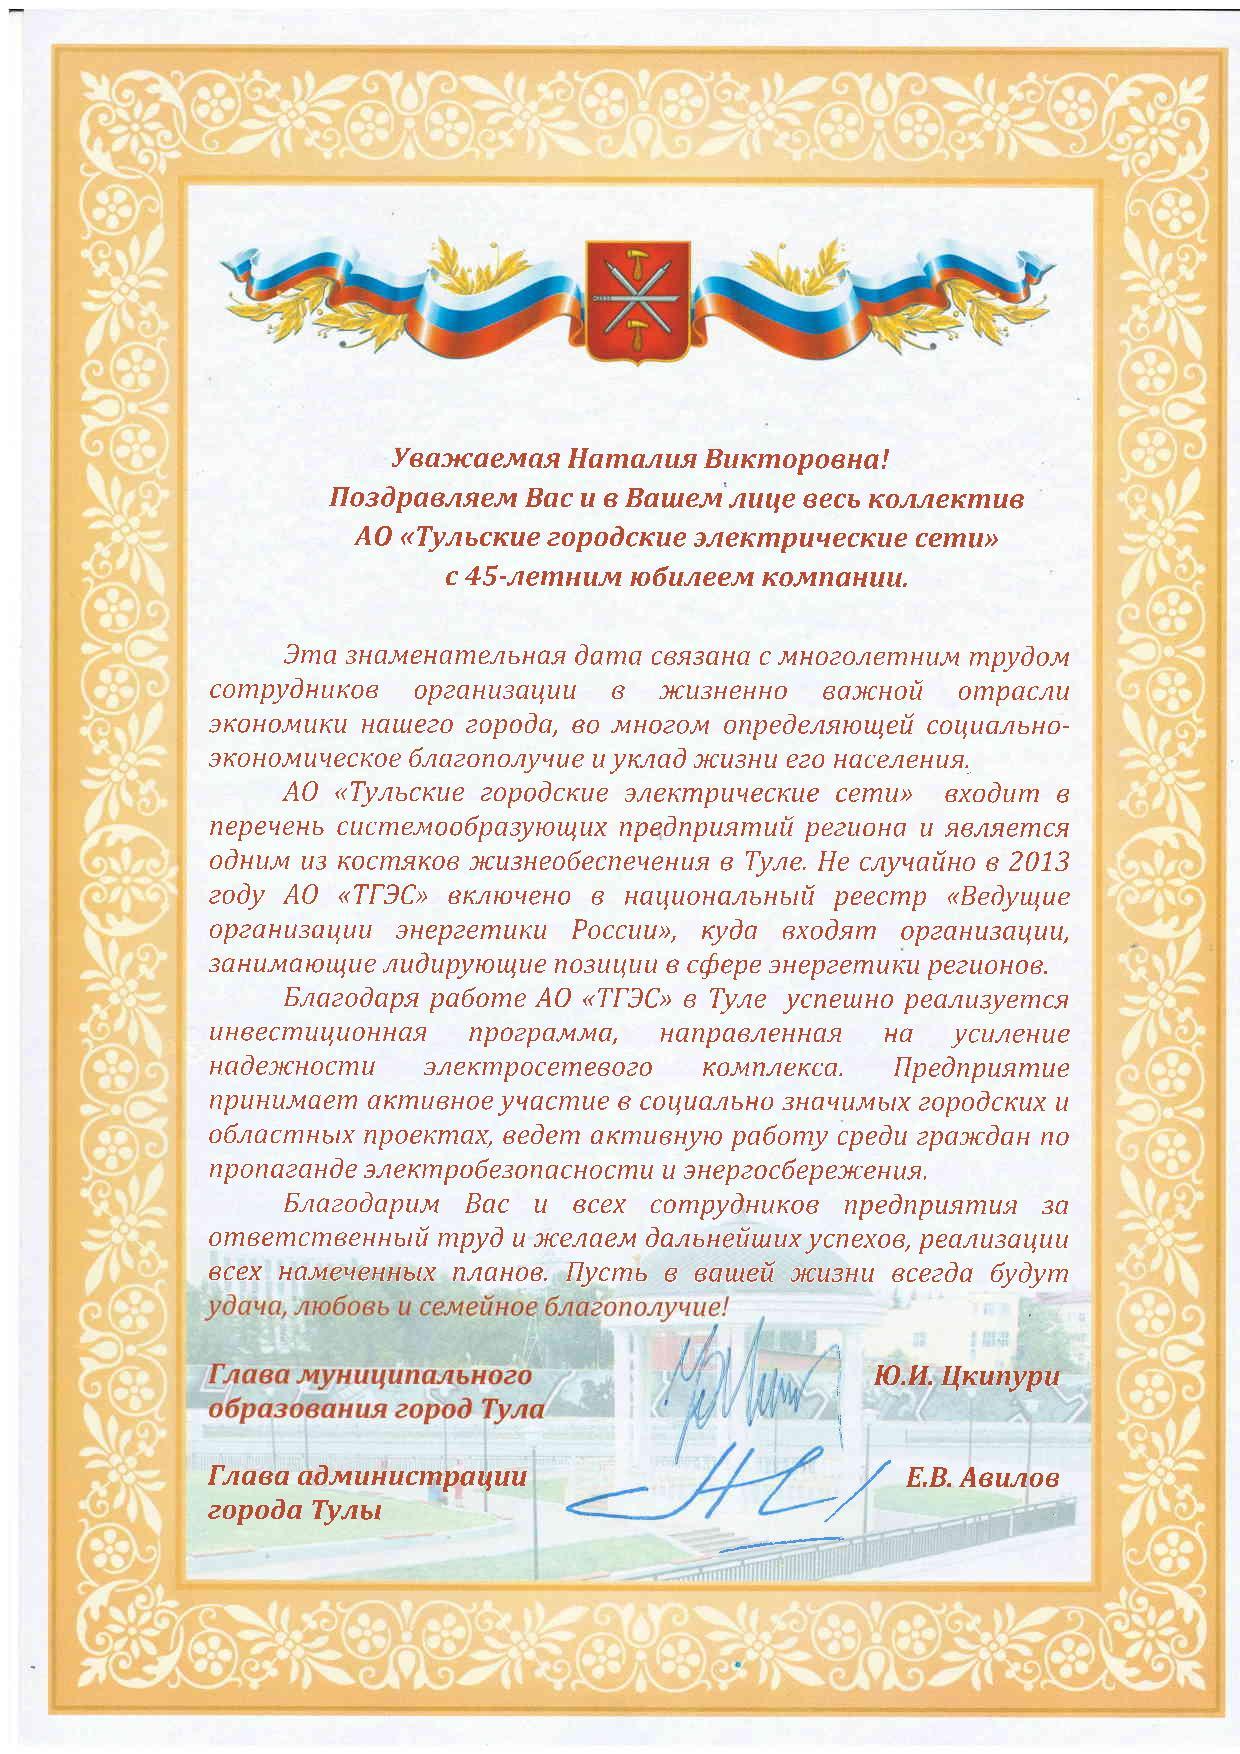 Поздравление главы Администрации города Курска 573